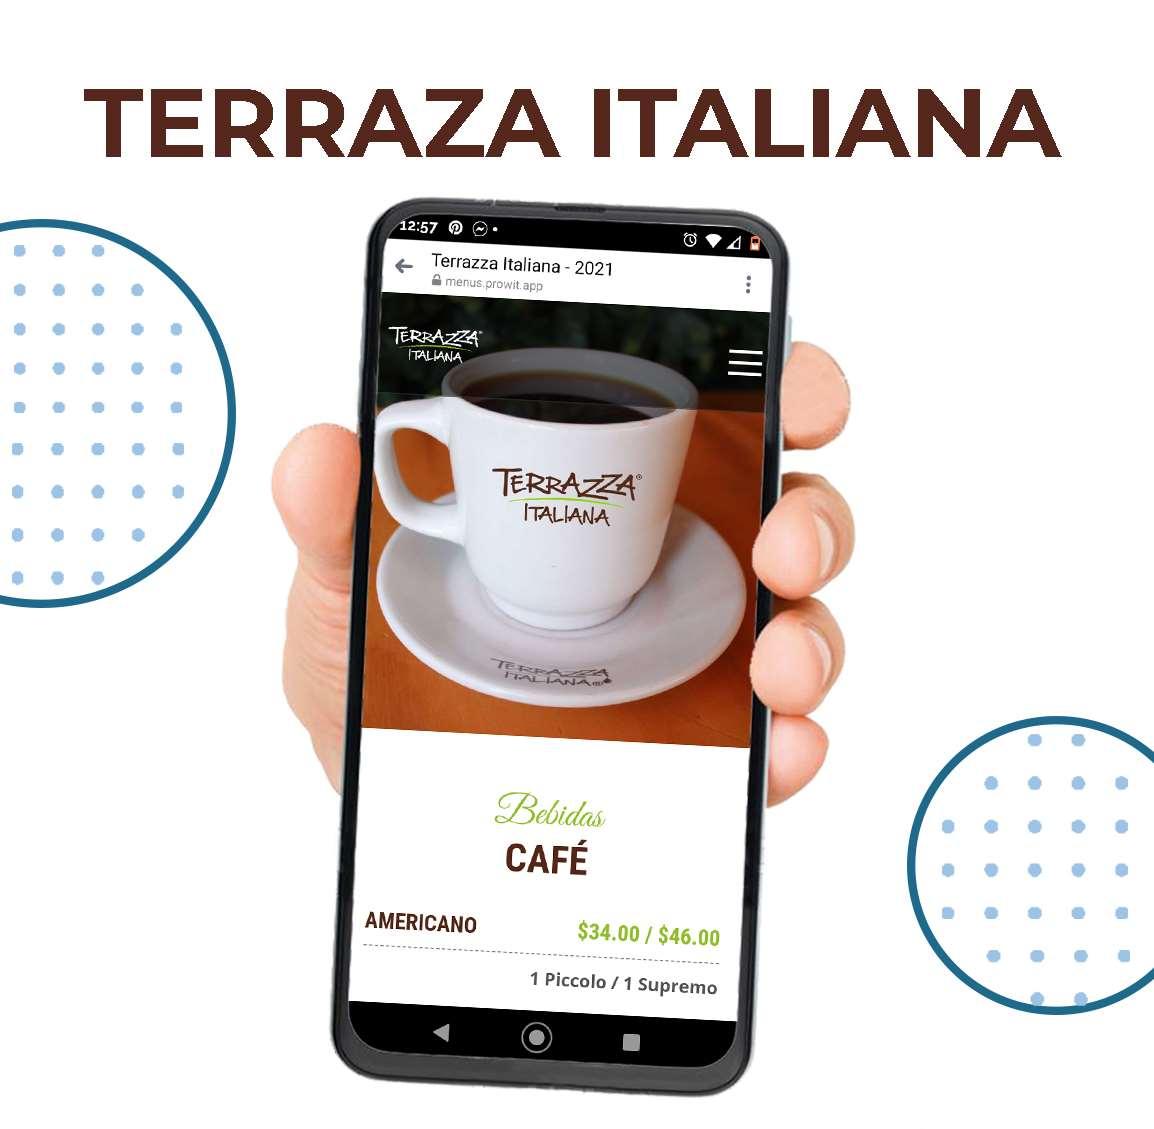 Terraza Italiana